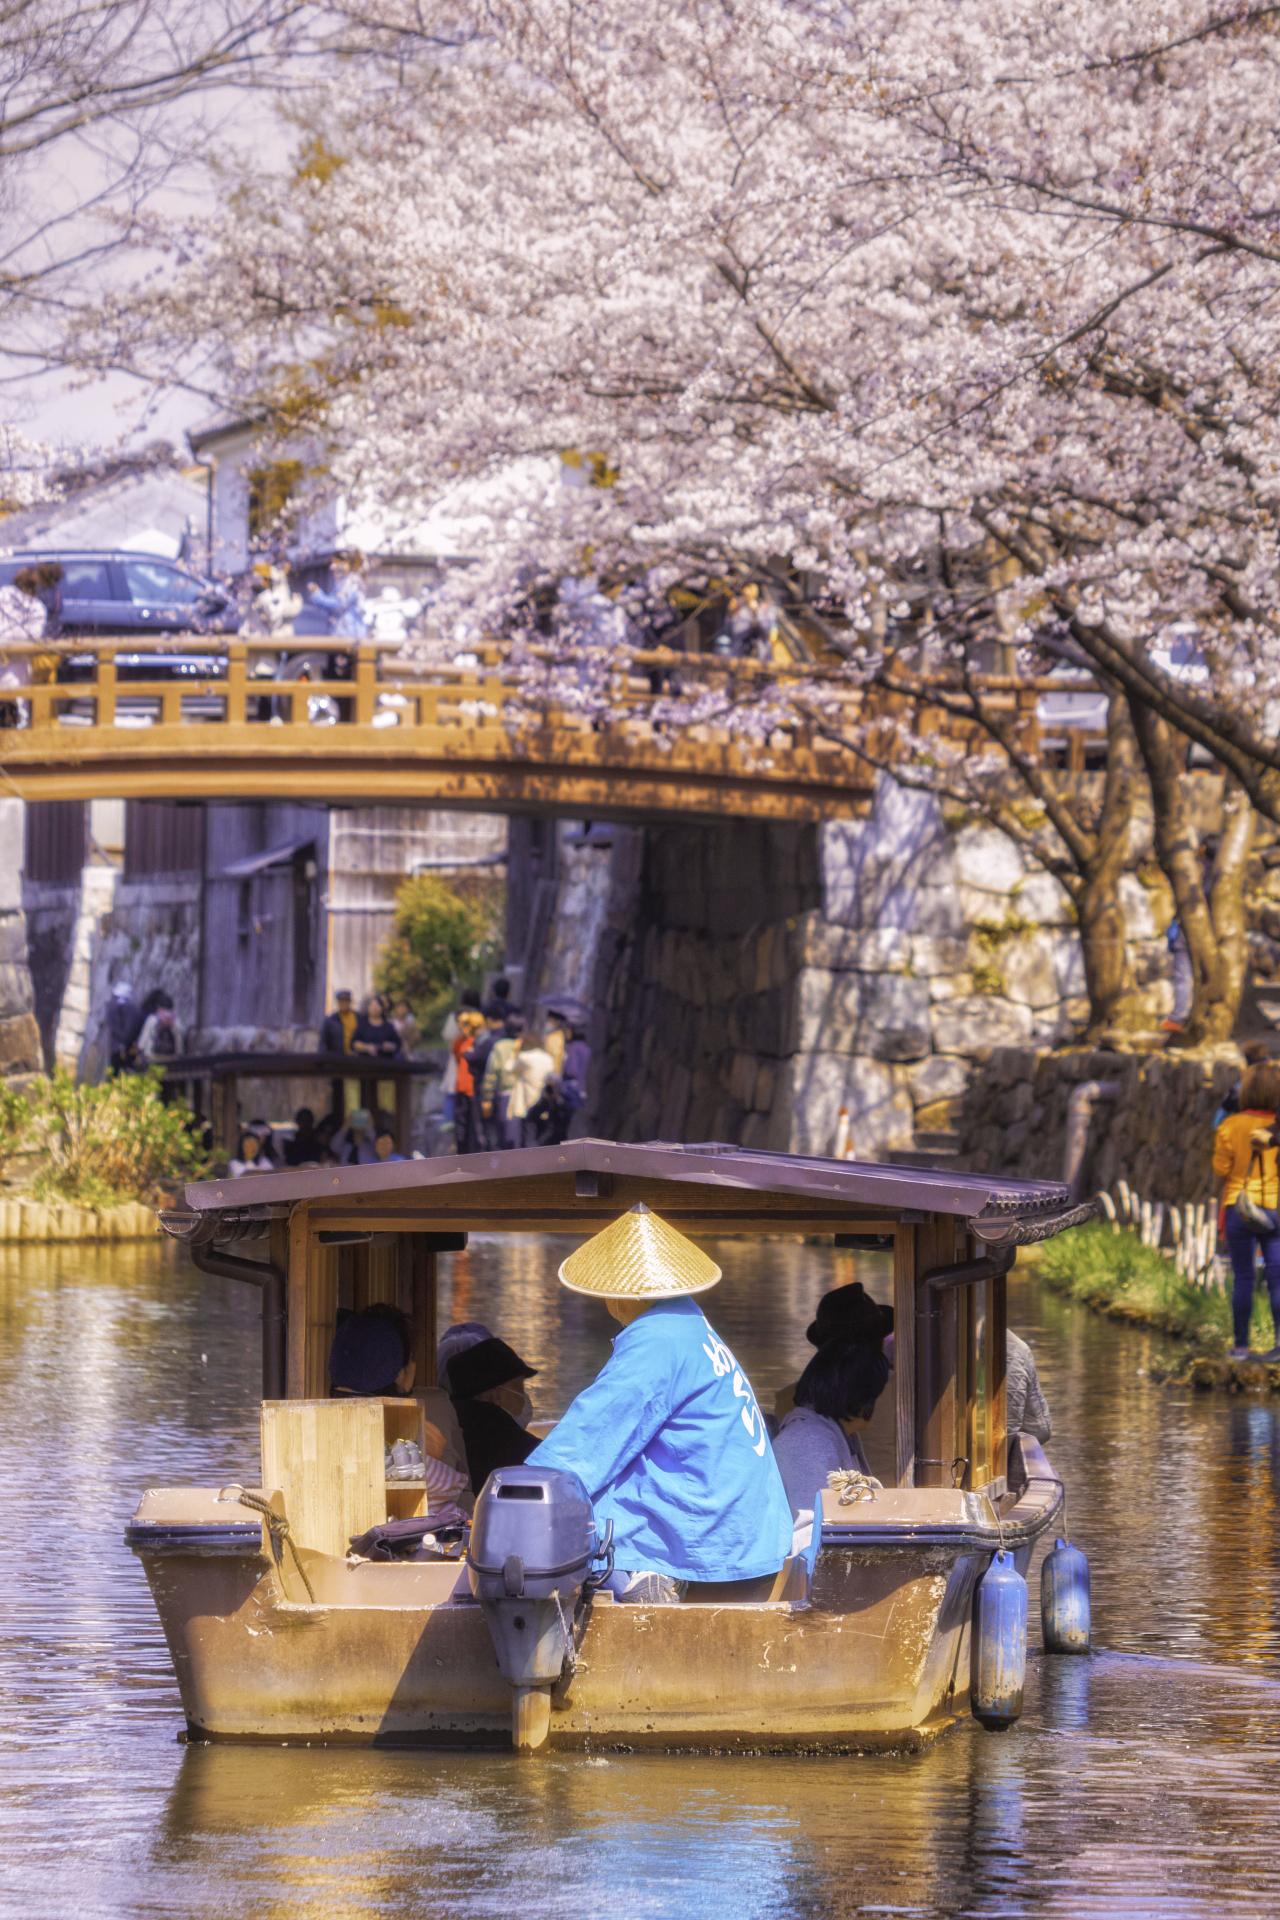 3302159_m 滋賀県  近江八幡 八幡堀(桜と和舟の景色に日本の風情を感じる春におすすめの桜スポット! 写真の紹介、アクセス情報や駐車場情報など)